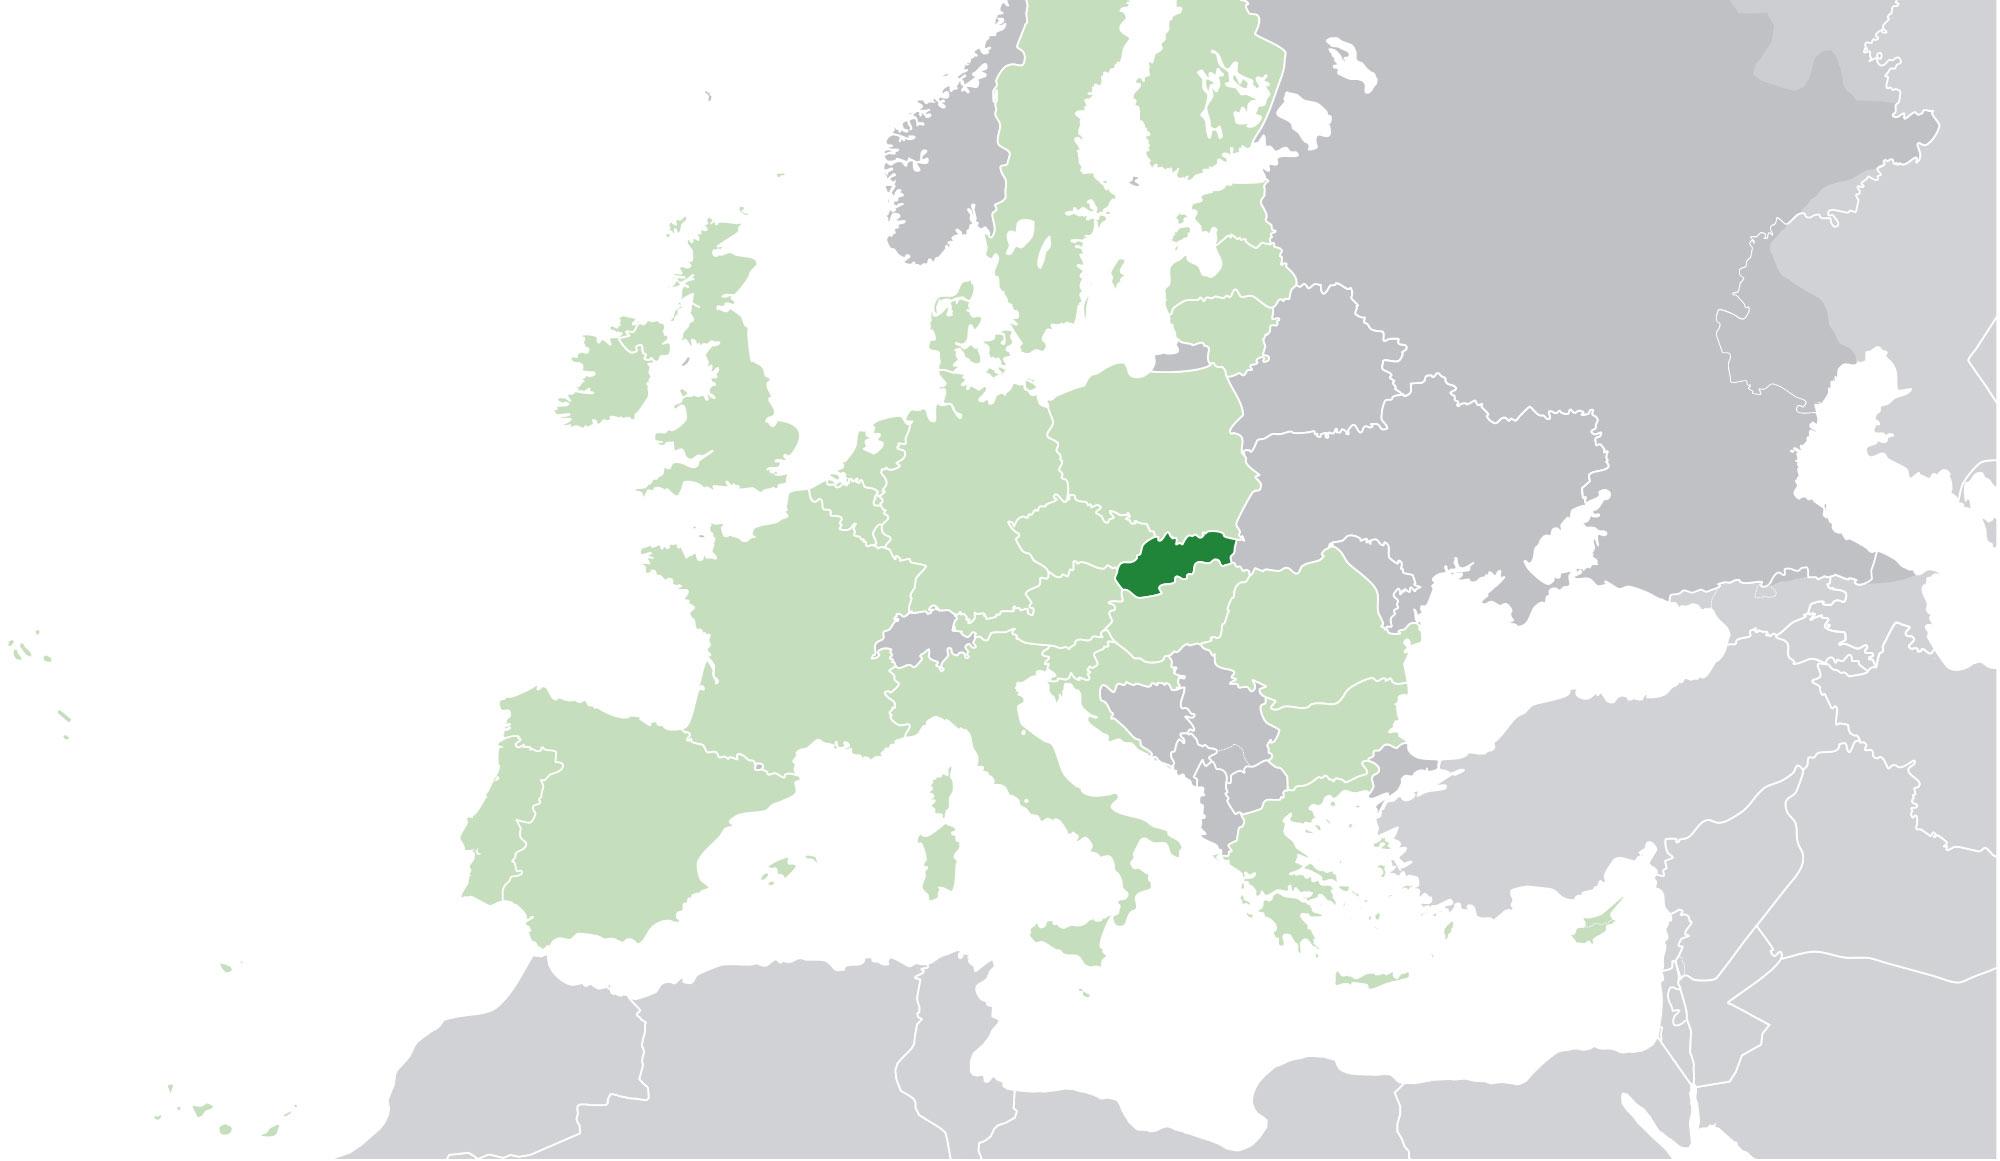 eslovaquia mapa Mapa de Eslovaquia, donde está, queda, país, encuentra  eslovaquia mapa